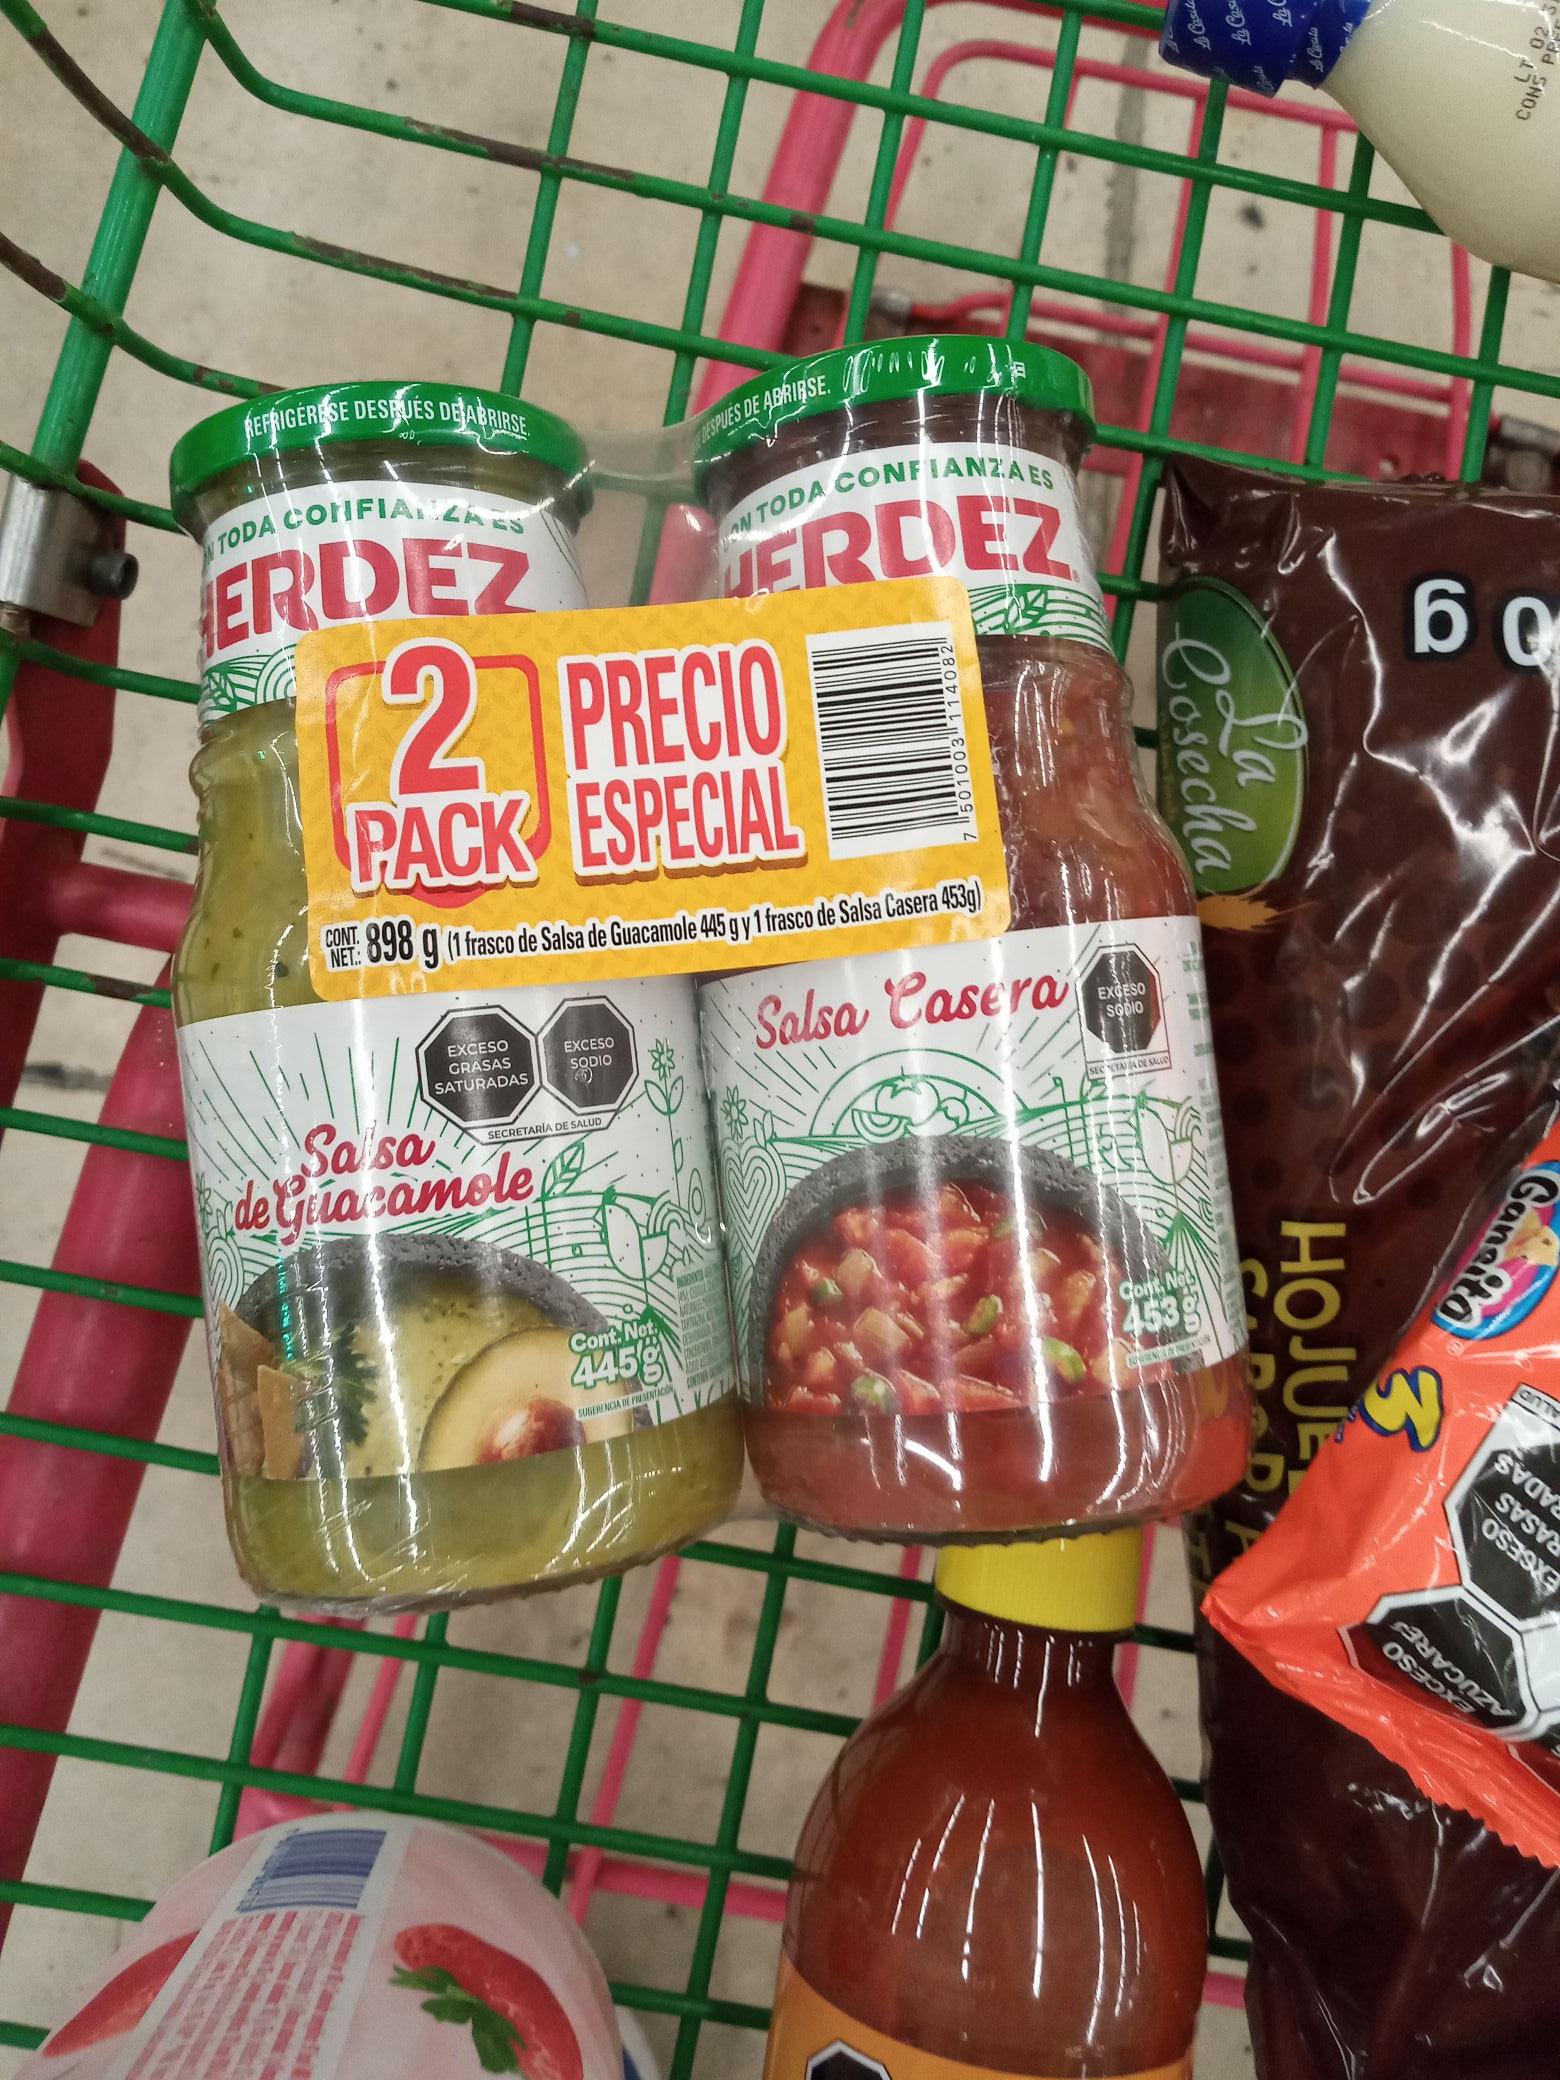 Bodega Aurrerá: duo Pack de salsas herdez a buen precio